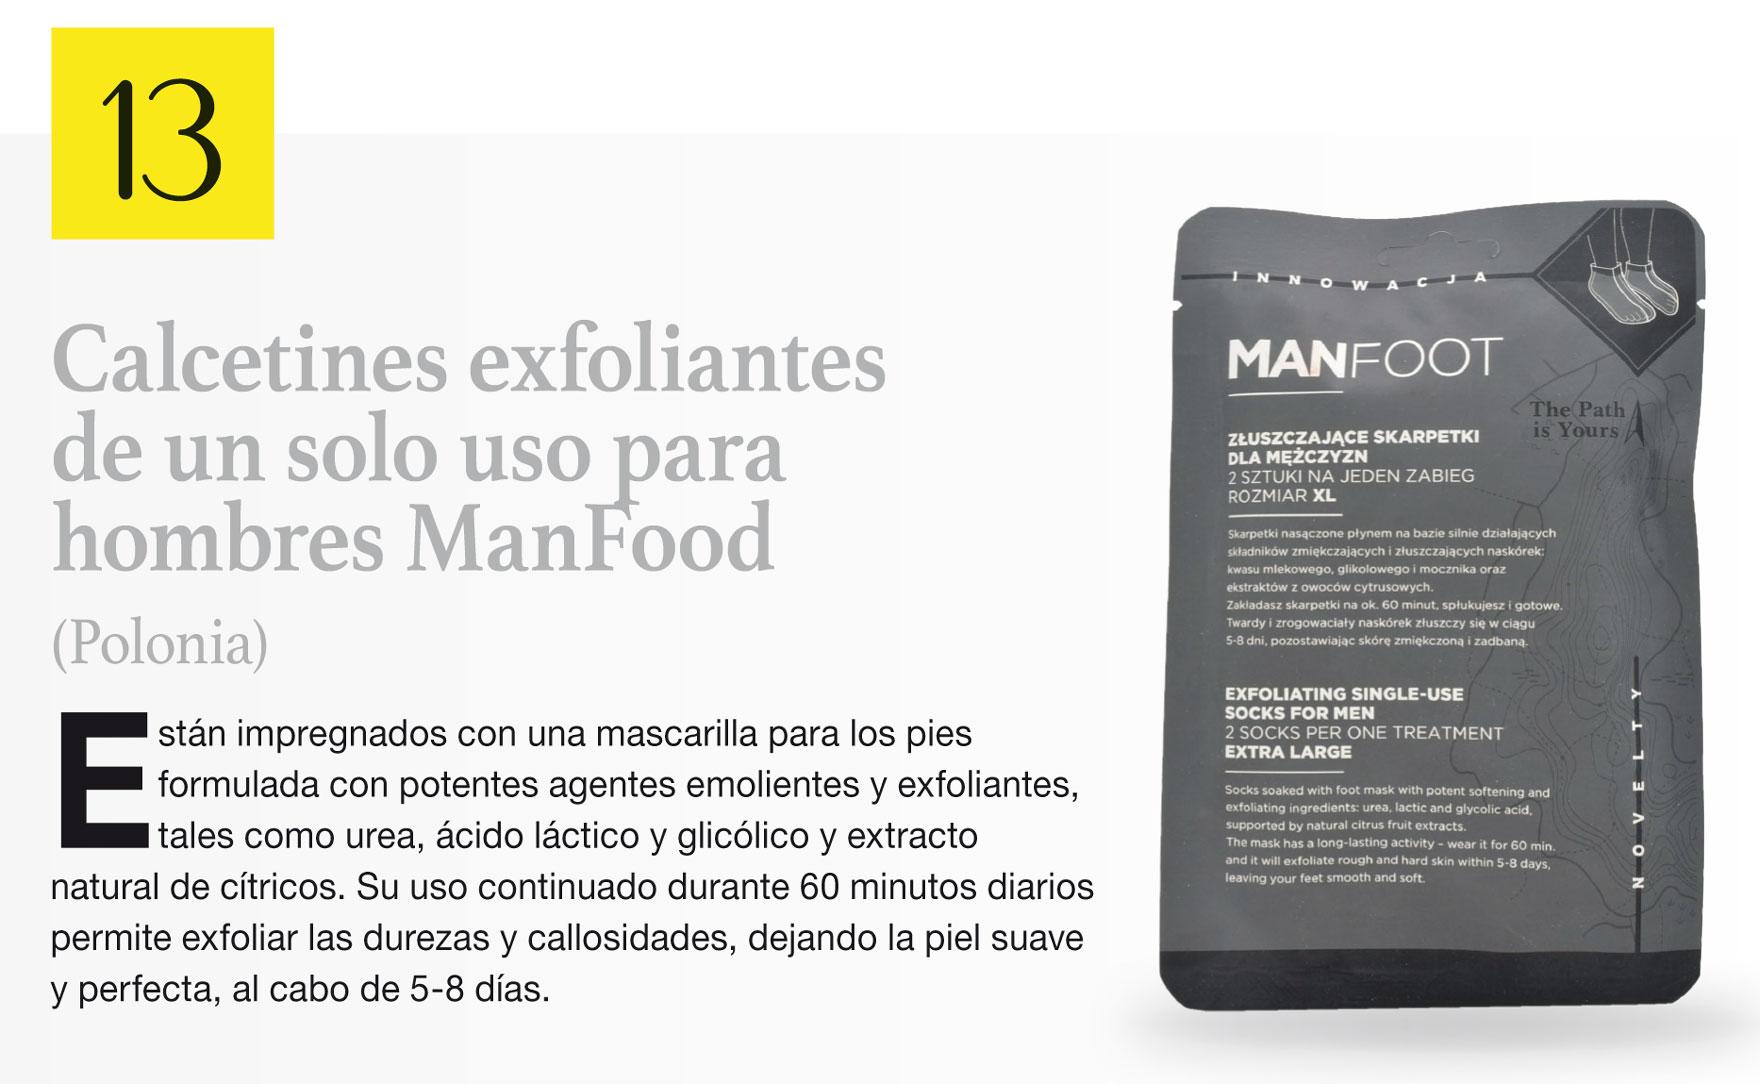 Calcetines exfoliantes de un solo uso para hombres ManFood (Polonia)